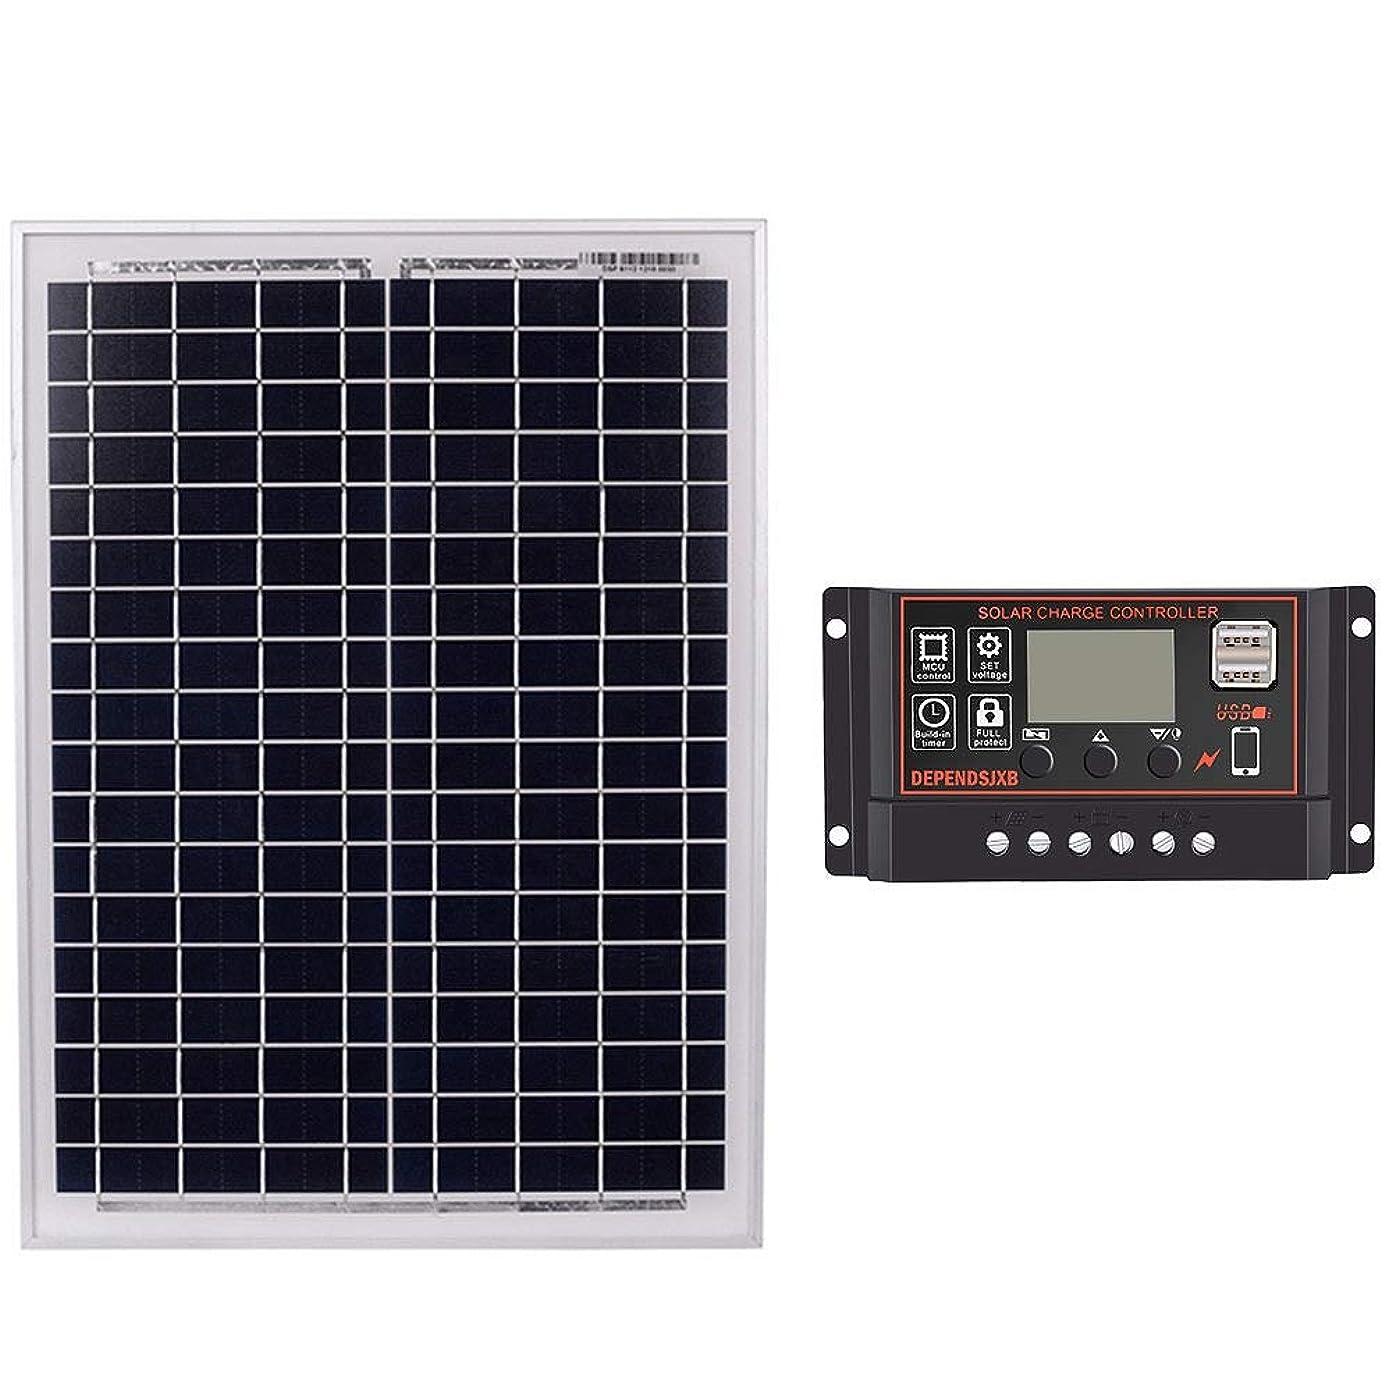 禁じるなめる密度ACAMPTAR ソーラーパネル 18V20W 黒色 ソーラーパネル + 12V / 24Vソーラーコントローラー、USBインターフェース付きバッテリー トラベル用電源(20A)